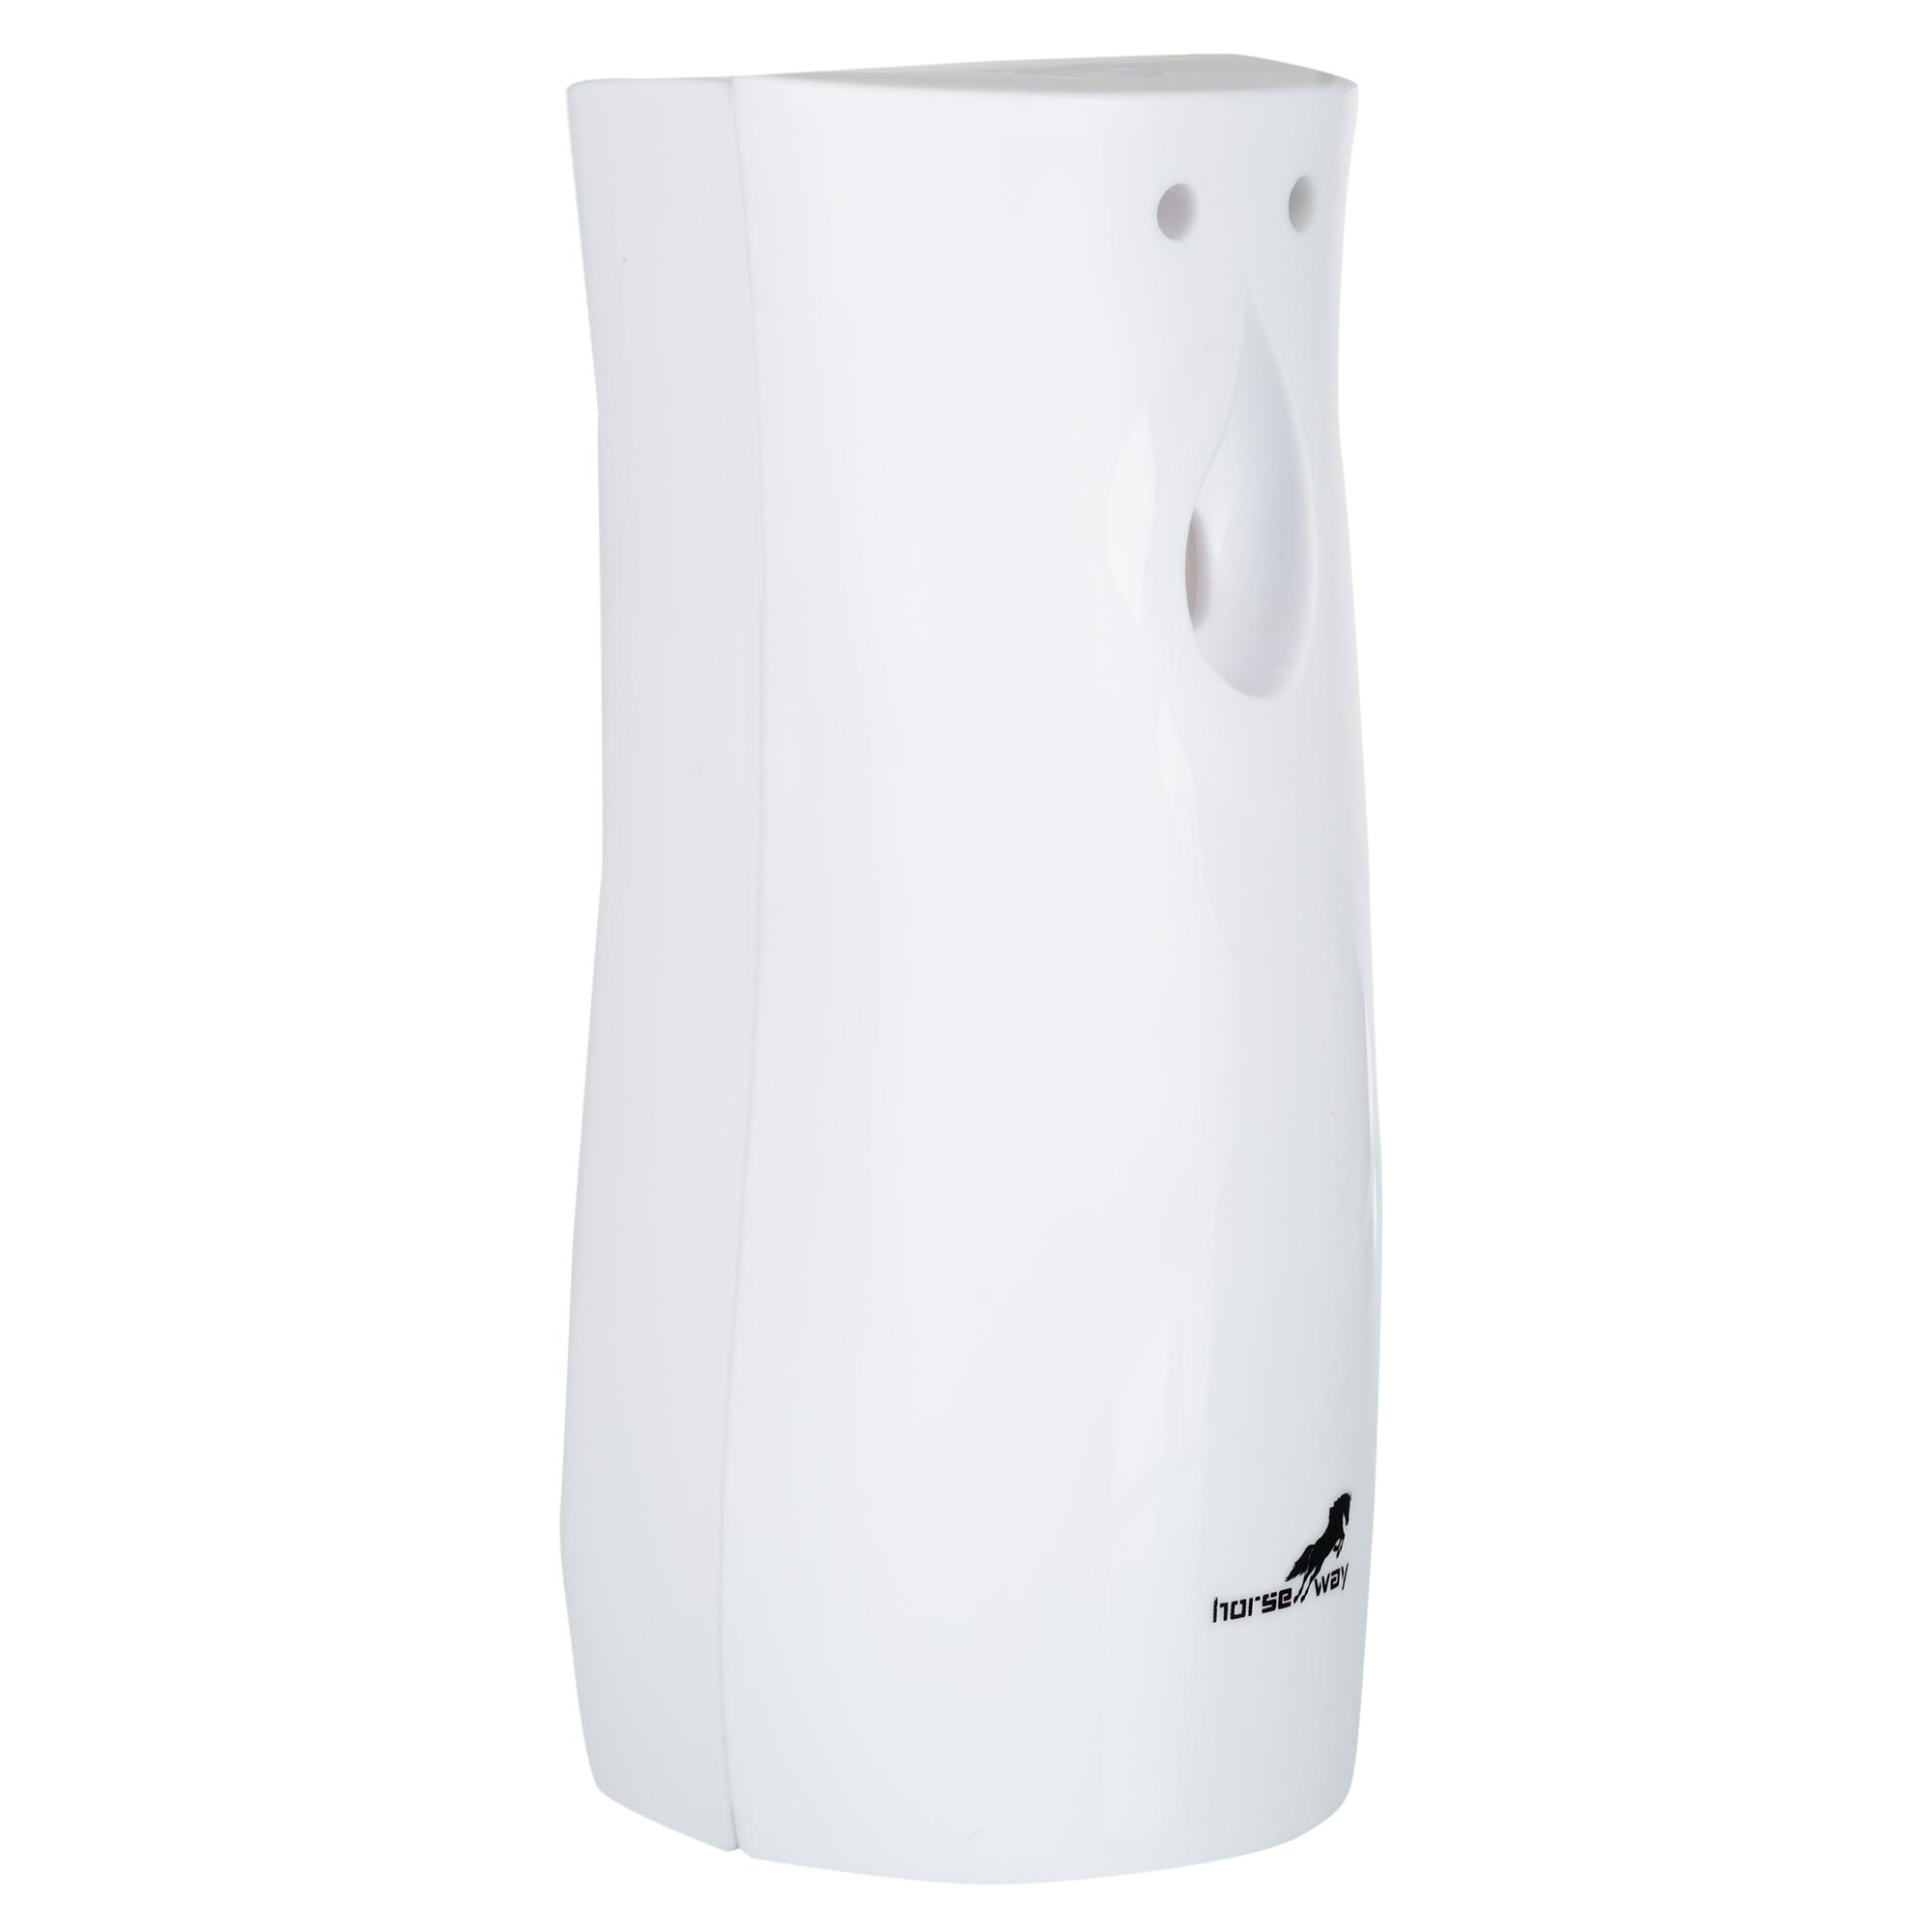 Fancy Air Perfume Dispenser